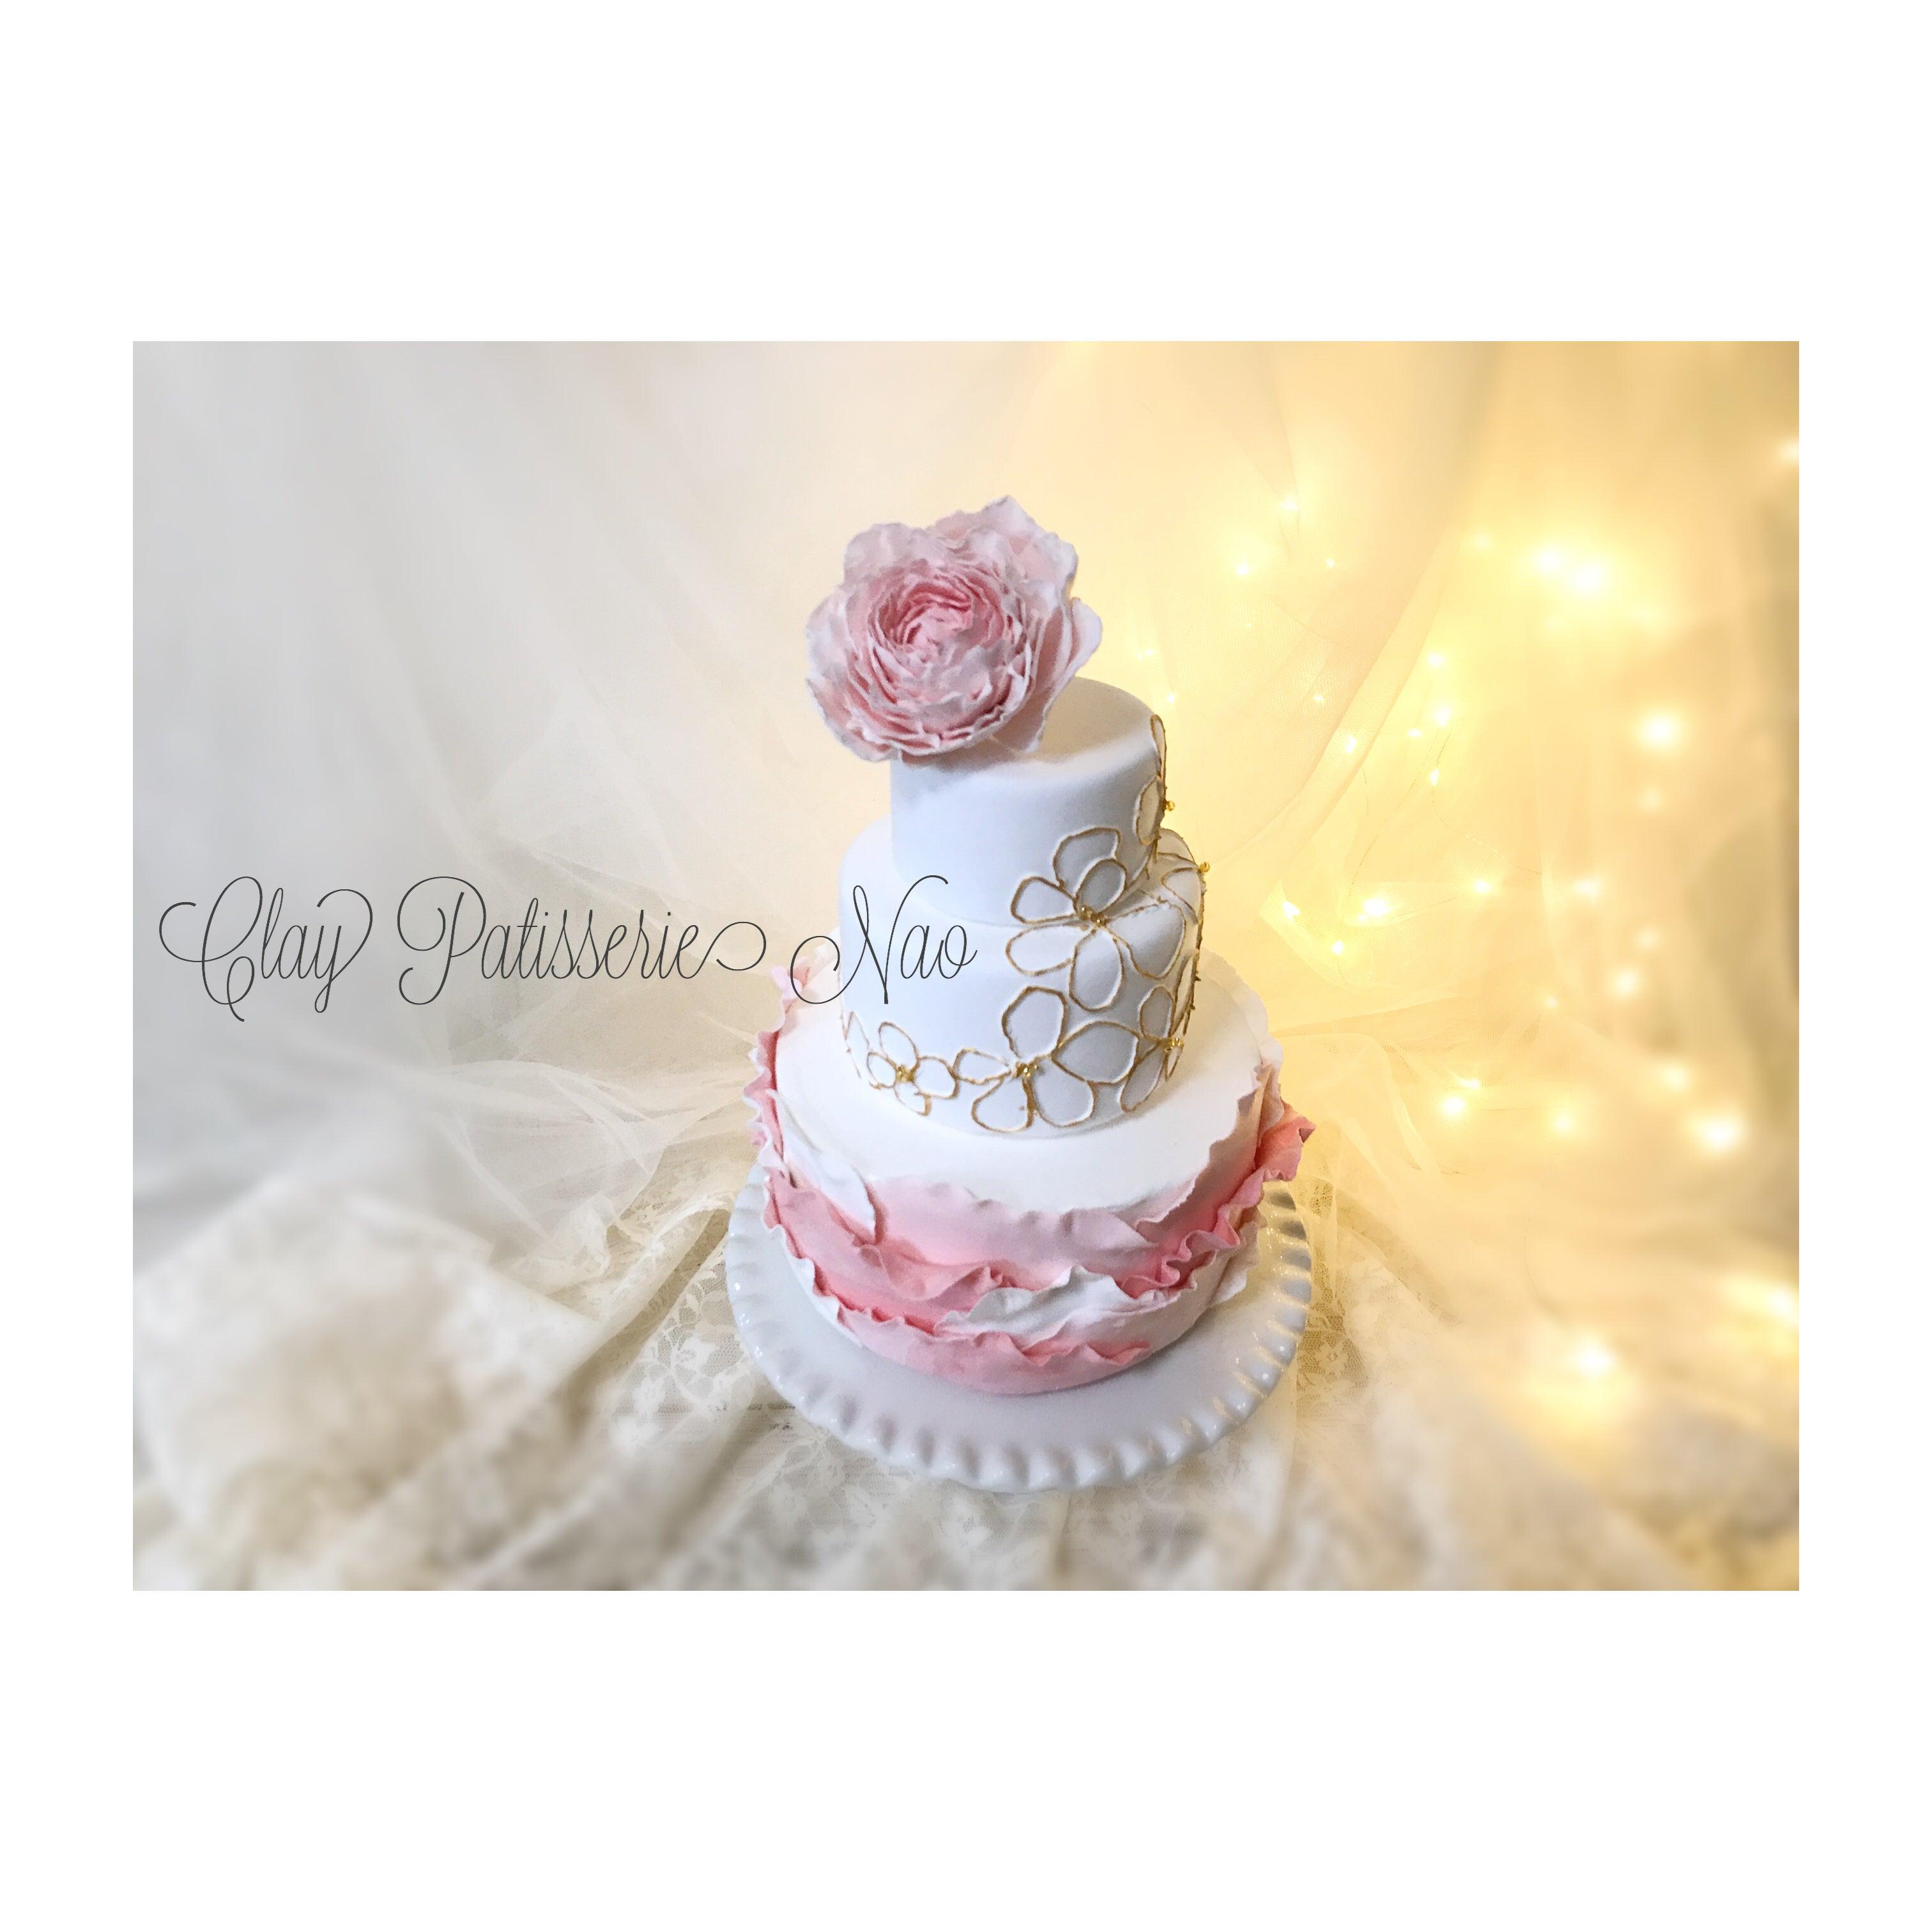 春らしいクレイケーキ で一生に一度の結婚式に彩りを♡